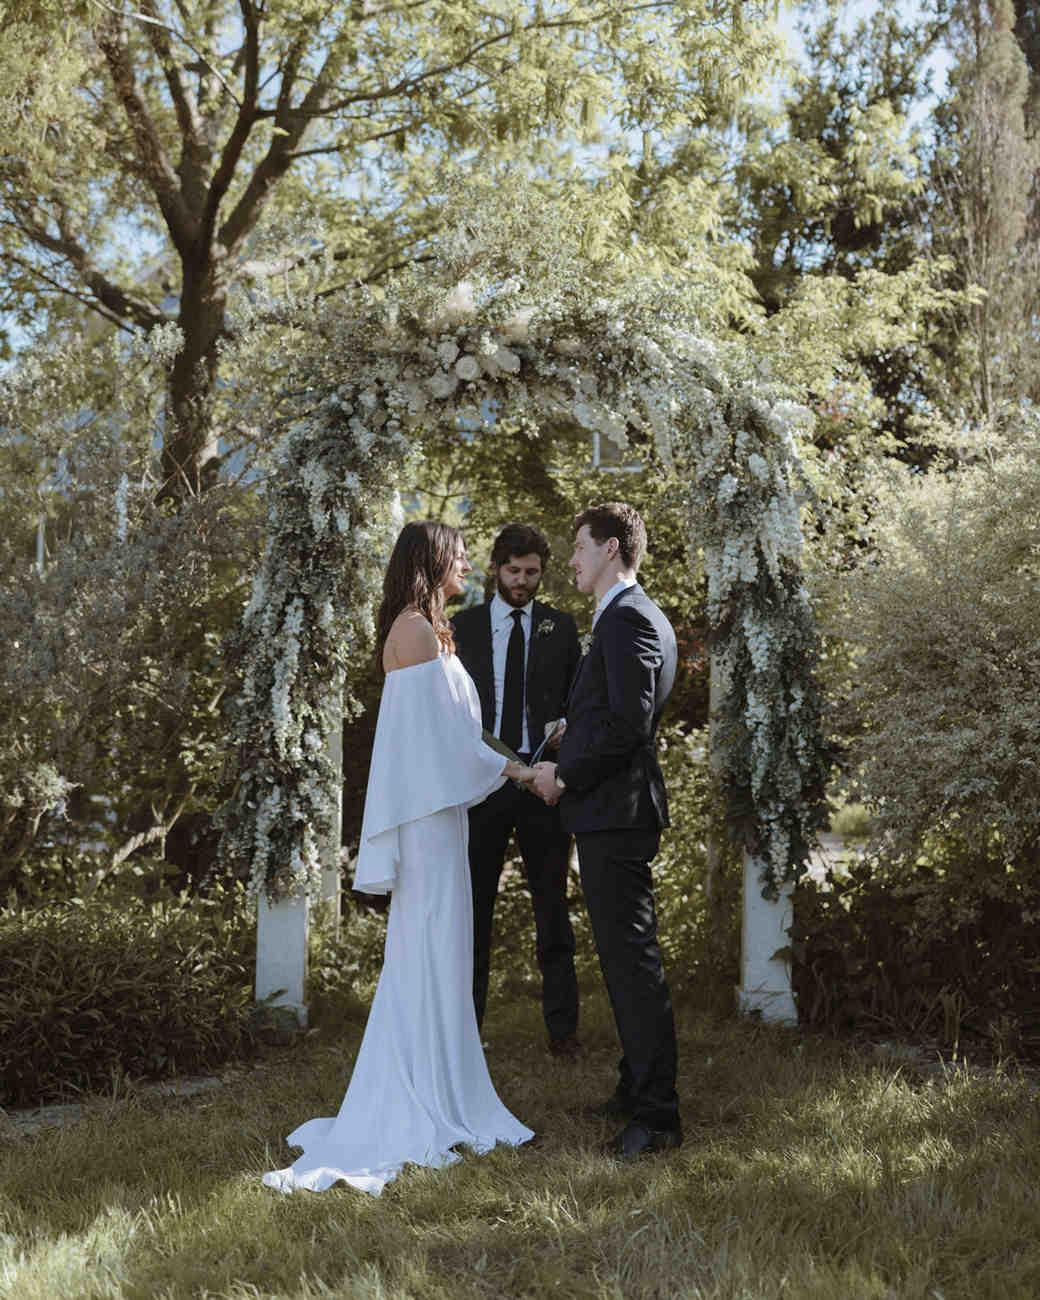 flower arch wedding ceremony in garden